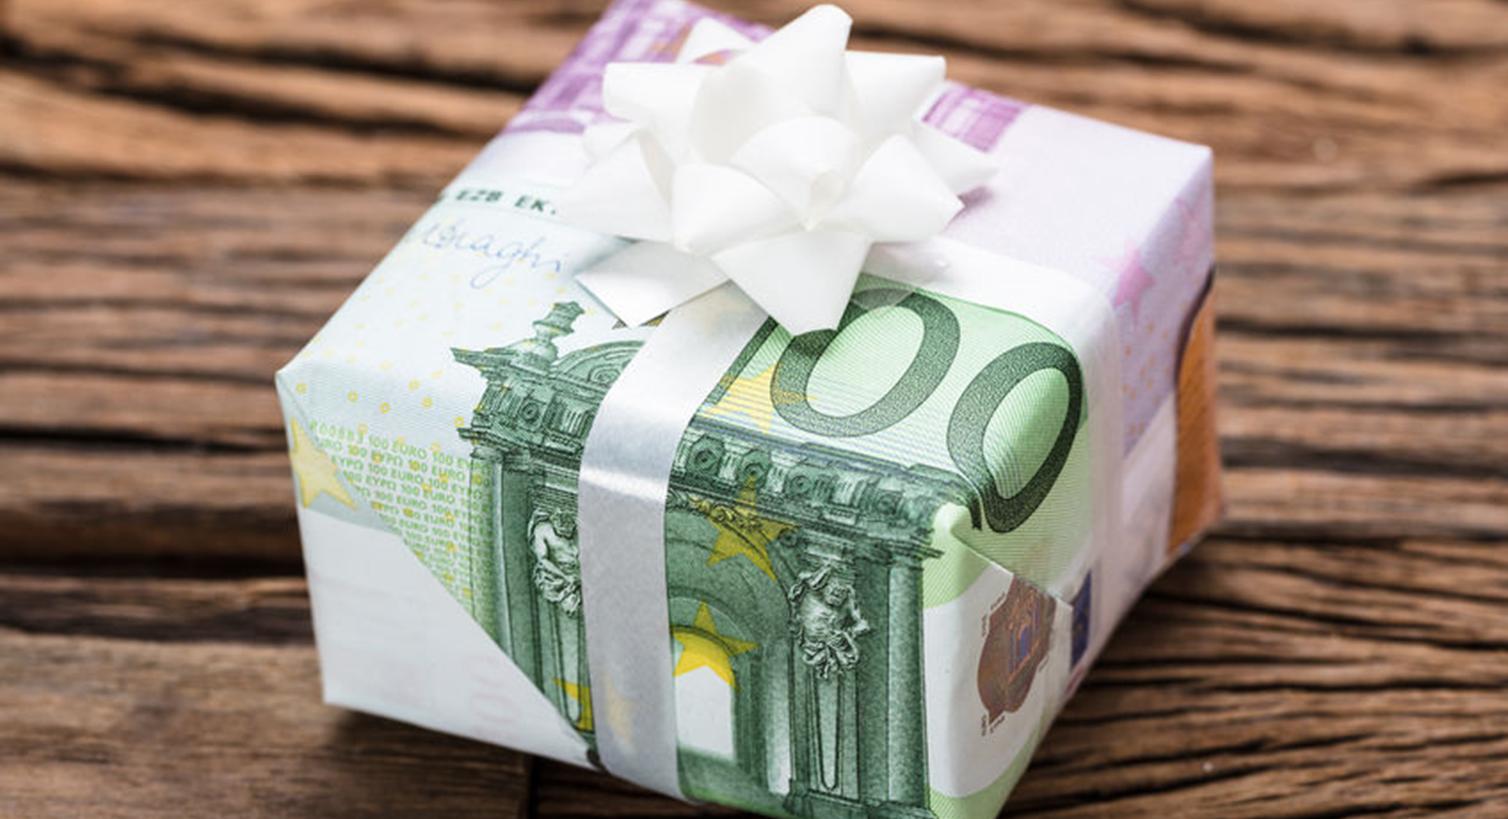 仮想通貨のICOのメリットを説明する画像